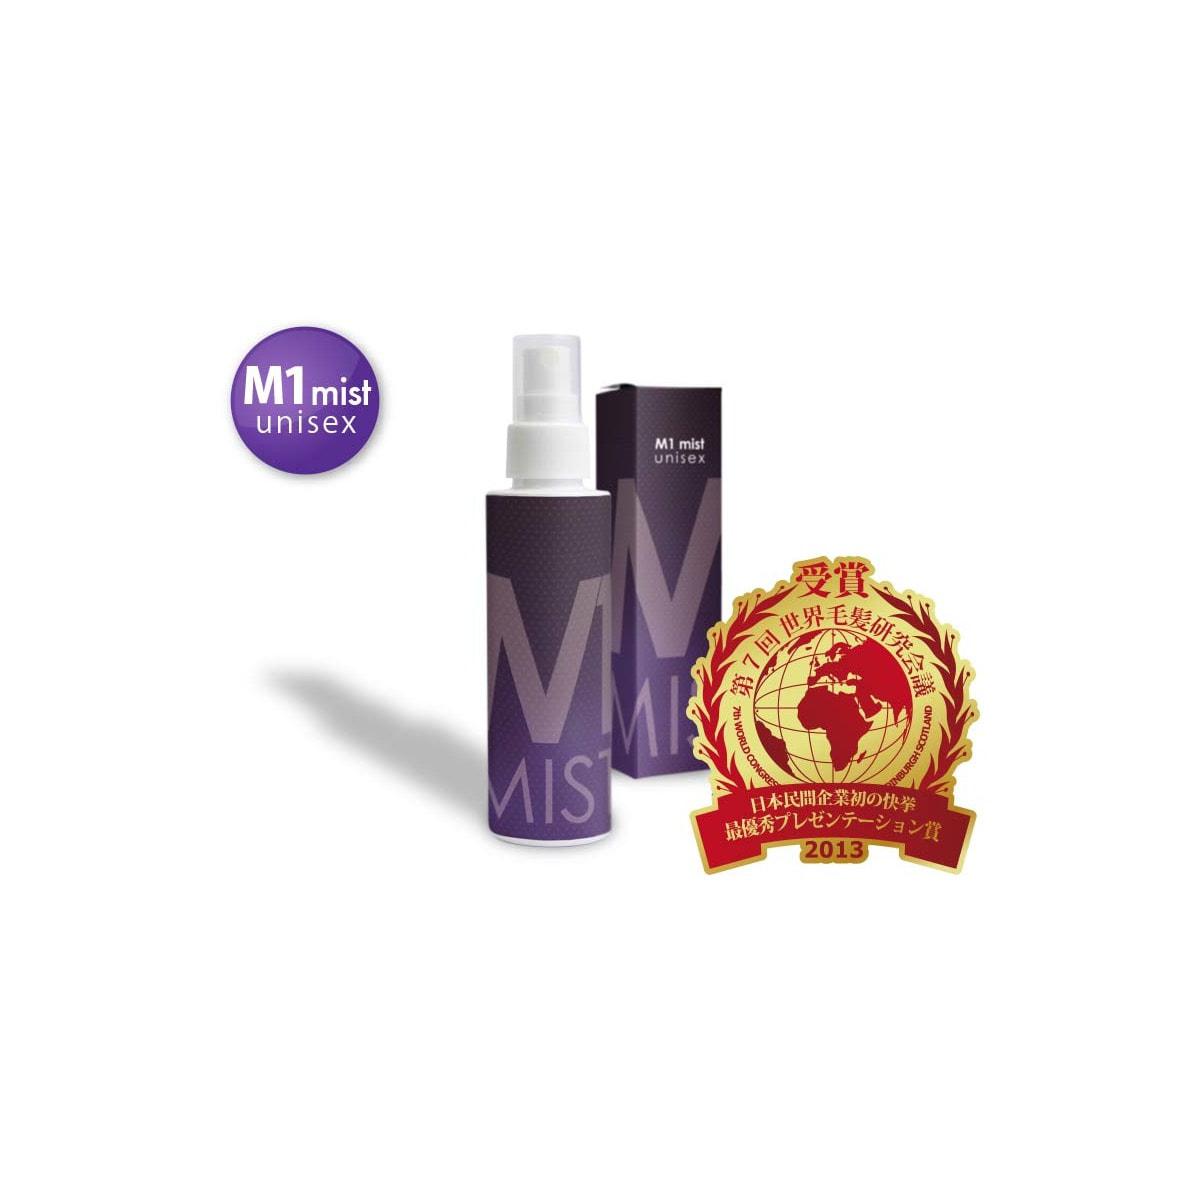 M-1ミストユニセックス120ml(医薬部外品)+育毛ガイドブック付き